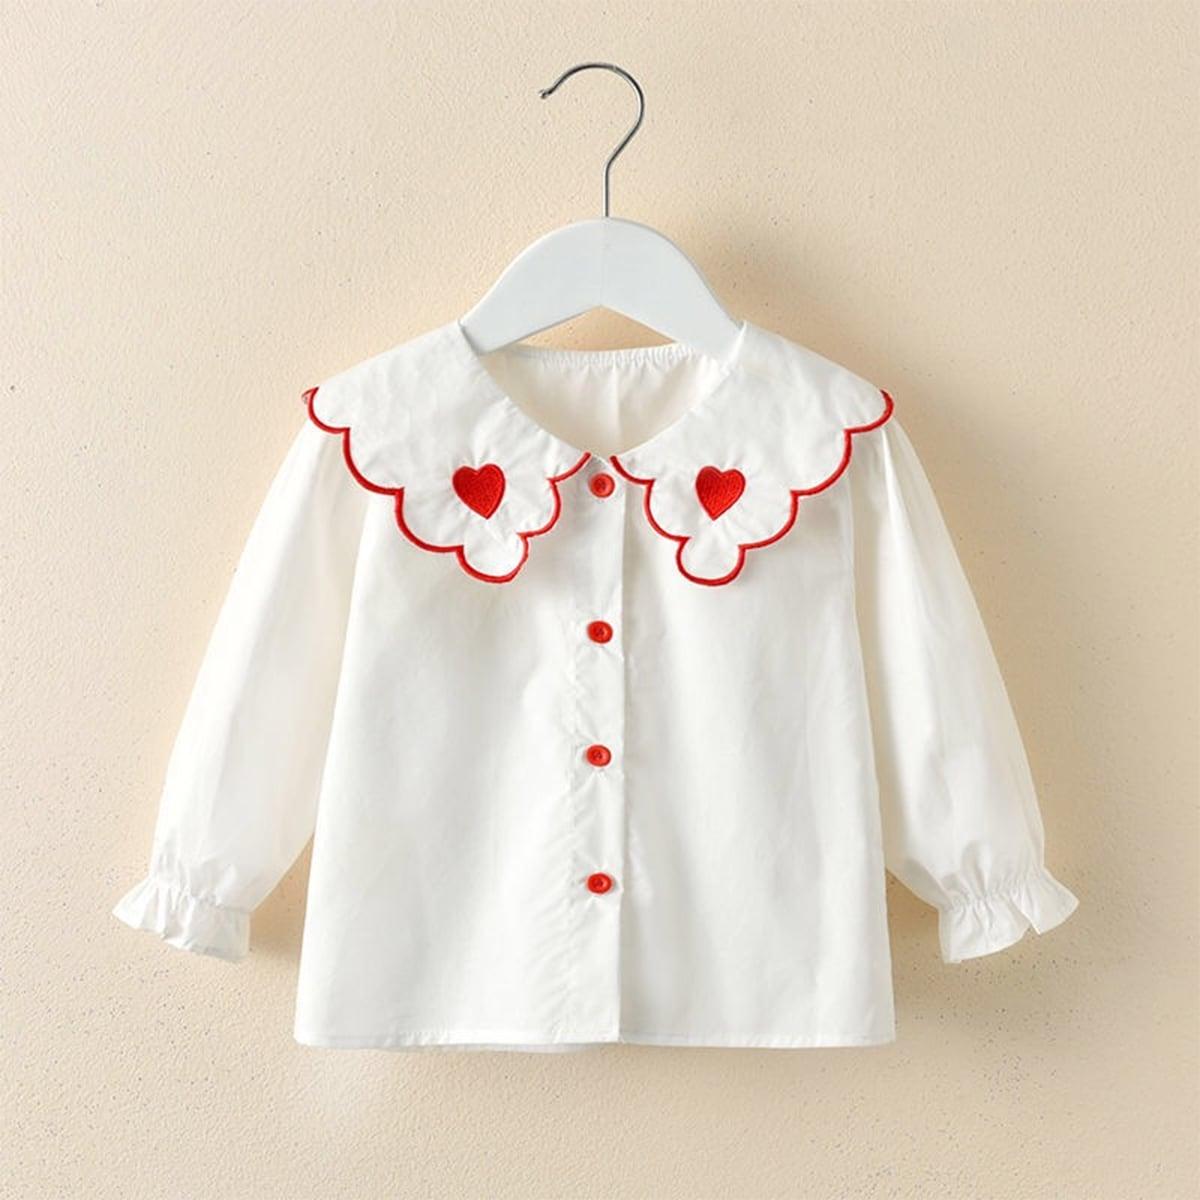 С вышивкой сердечко милый блузы для девочек